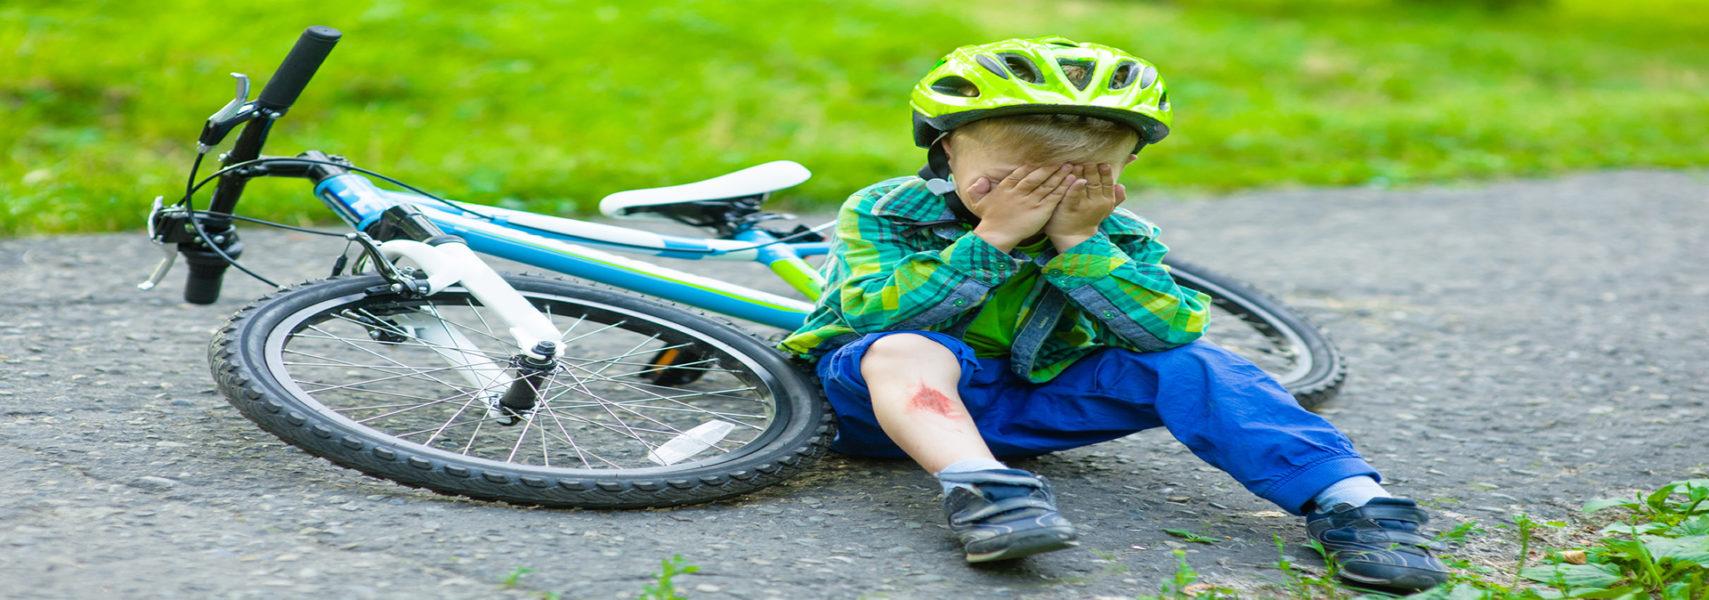 Die Unfallversicherung kann Ihr Kind zwar nicht vor Unfällen schützen, wohl aber die finanziellen Folgen absichern